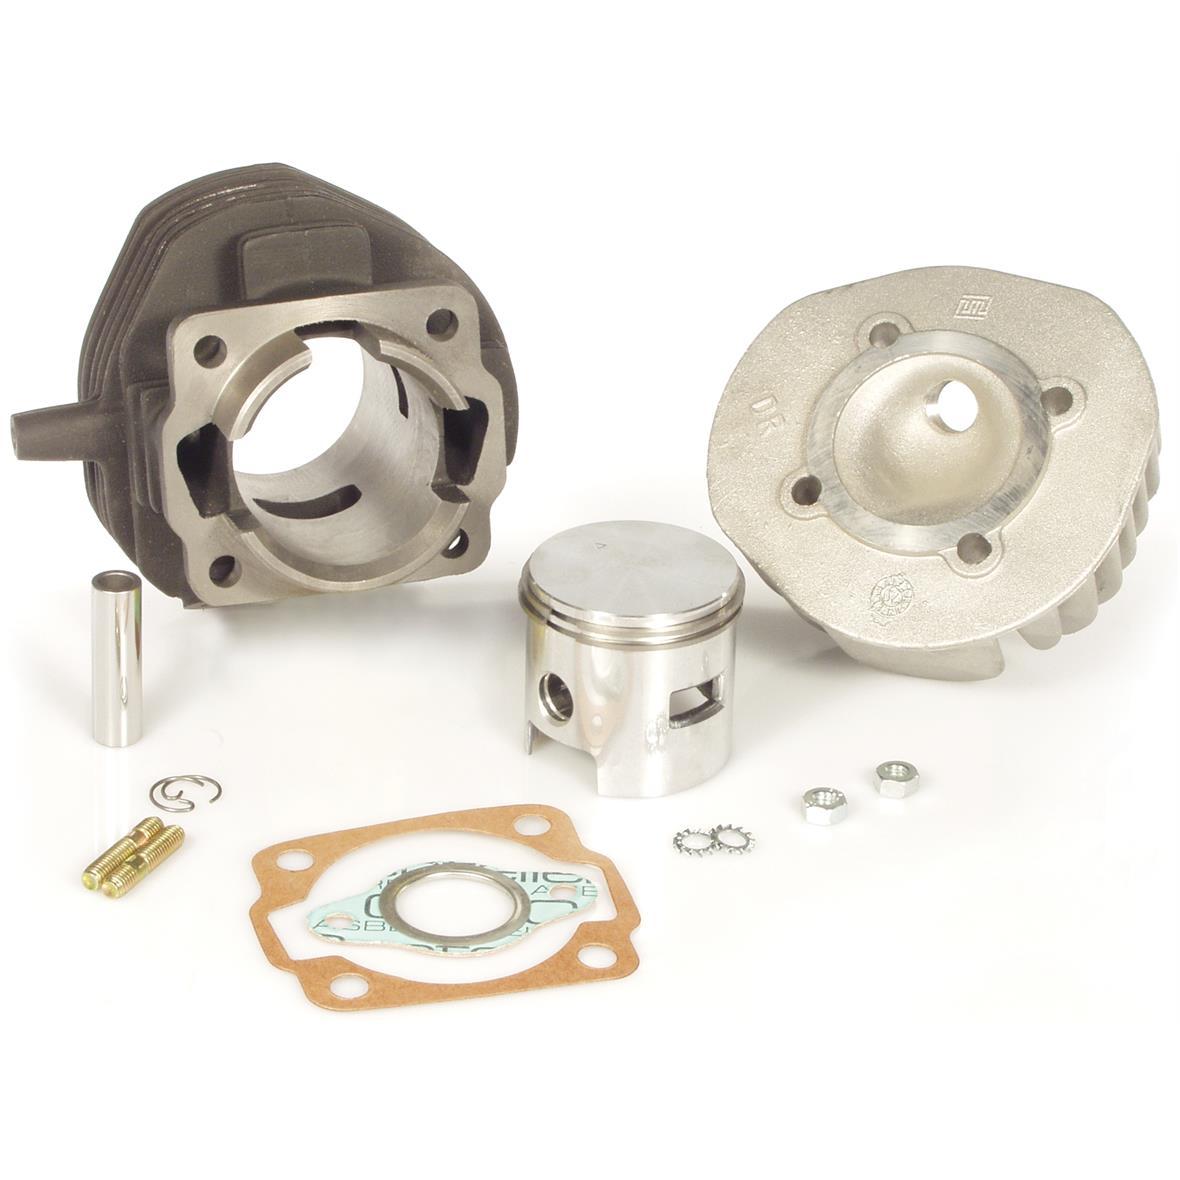 「レースシリンダー D.R. by SIP 85 cm³Title」の製品画像